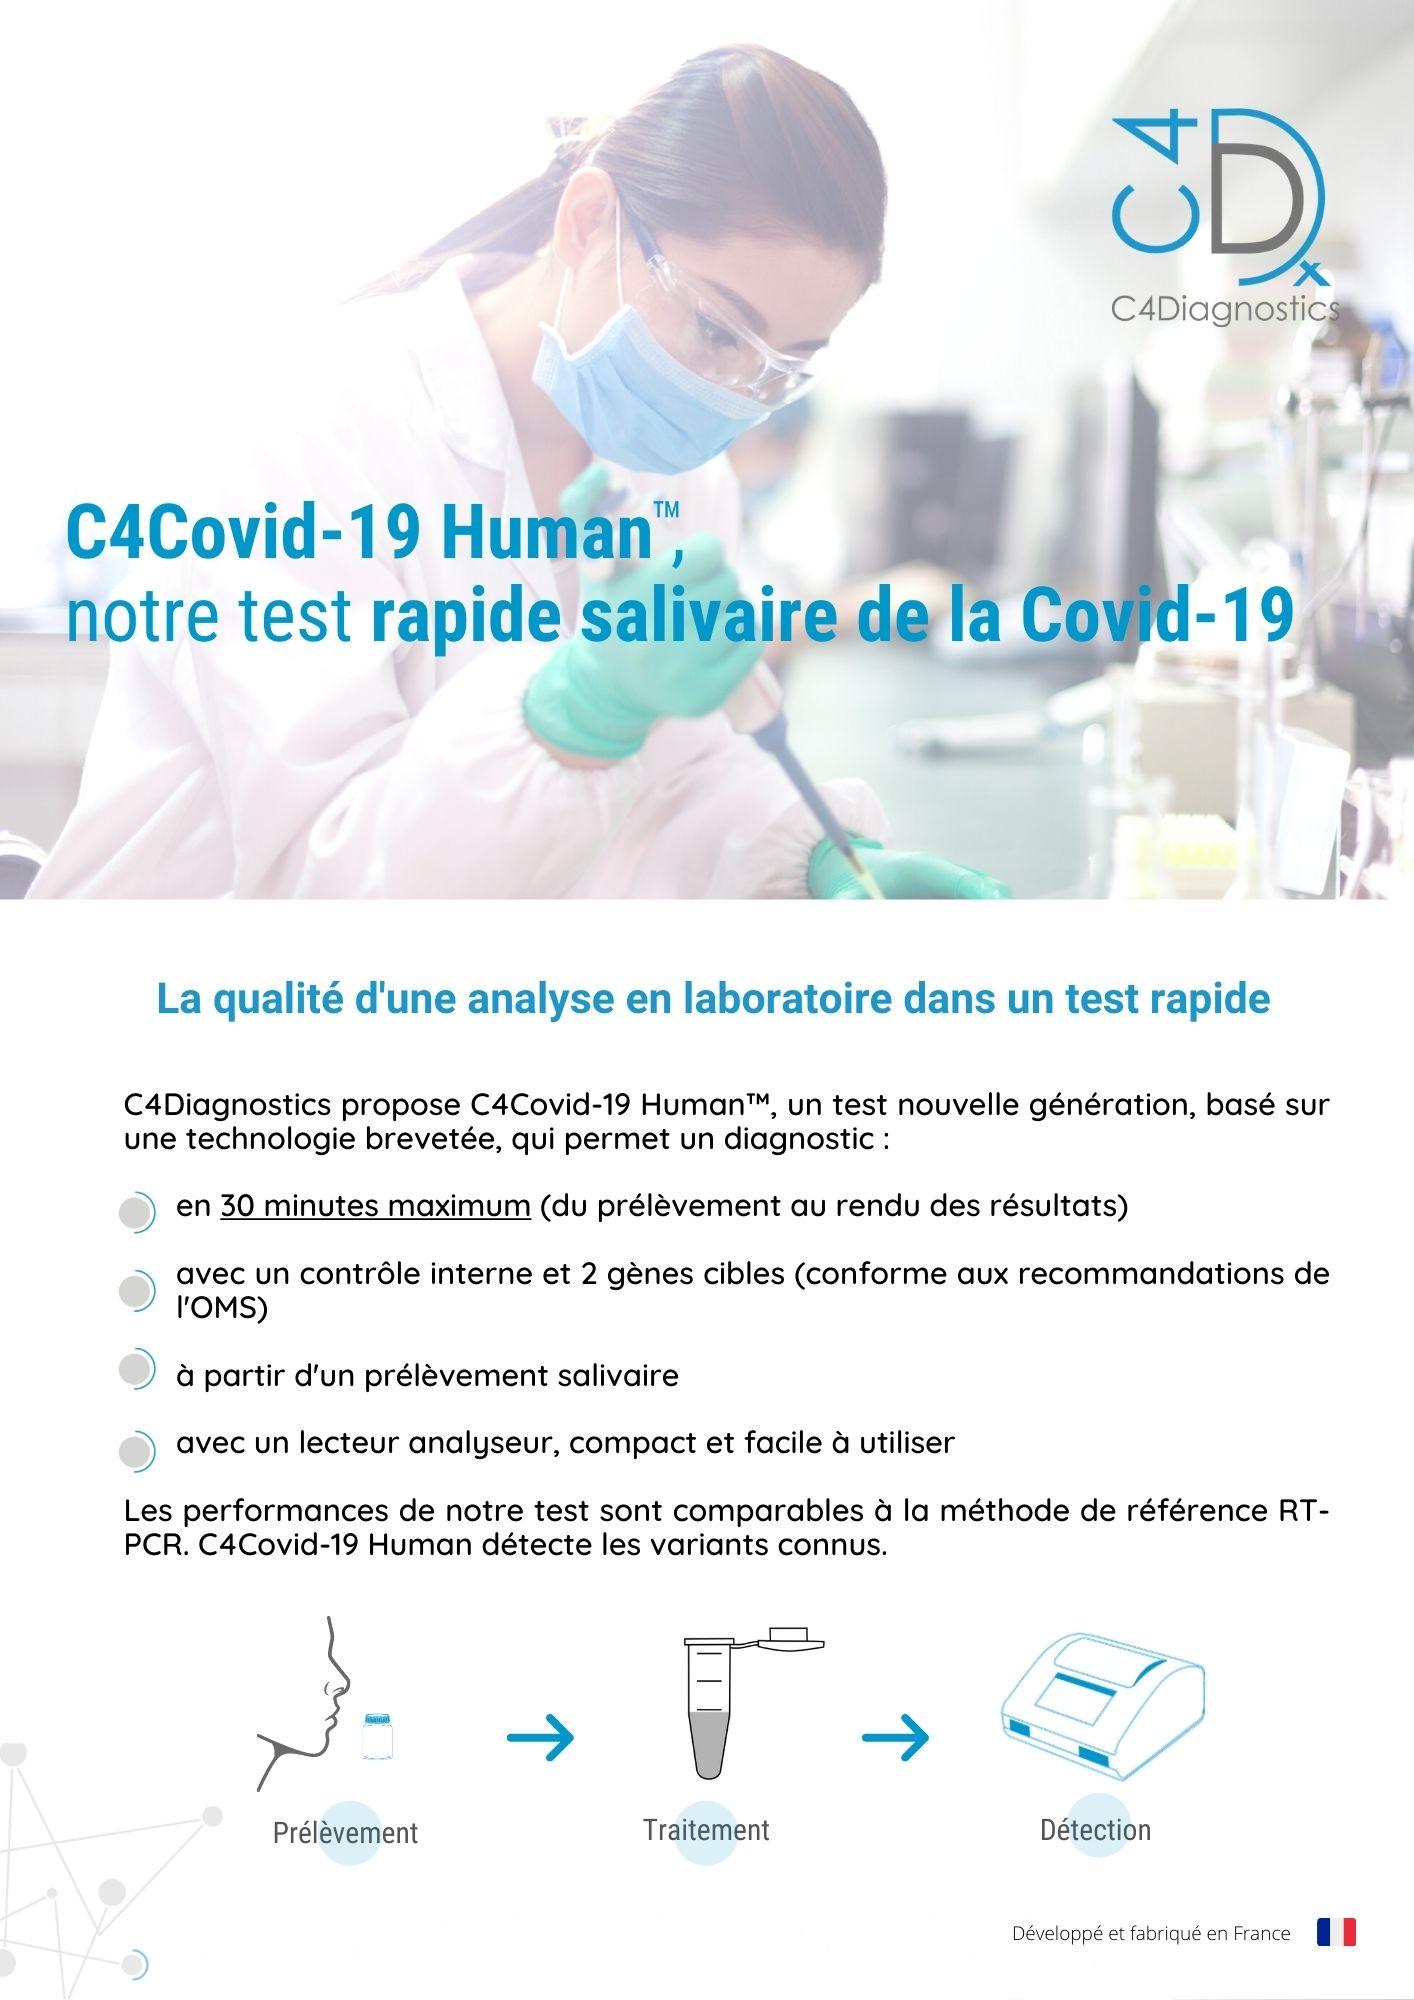 C4Covid-19 Human, notre test salivaire